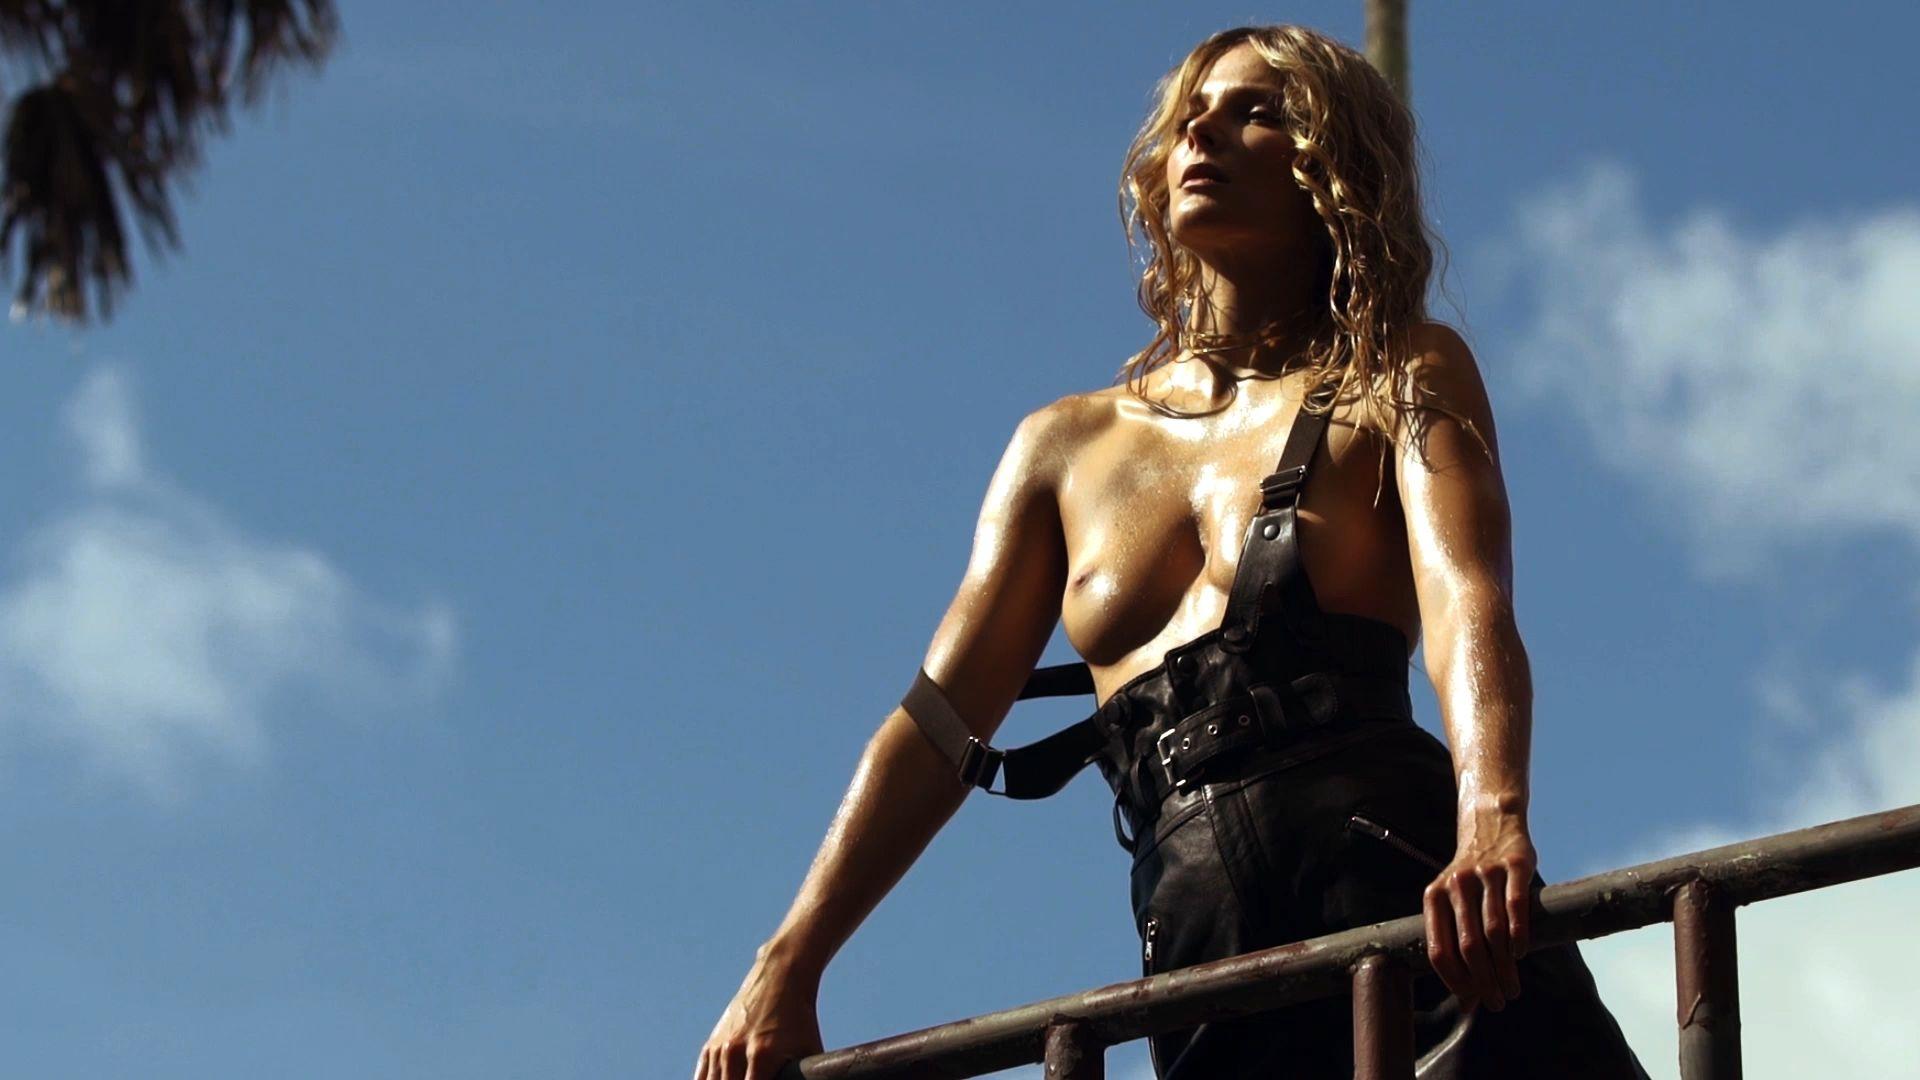 Eniko Mihalik Topless (12 Photos)